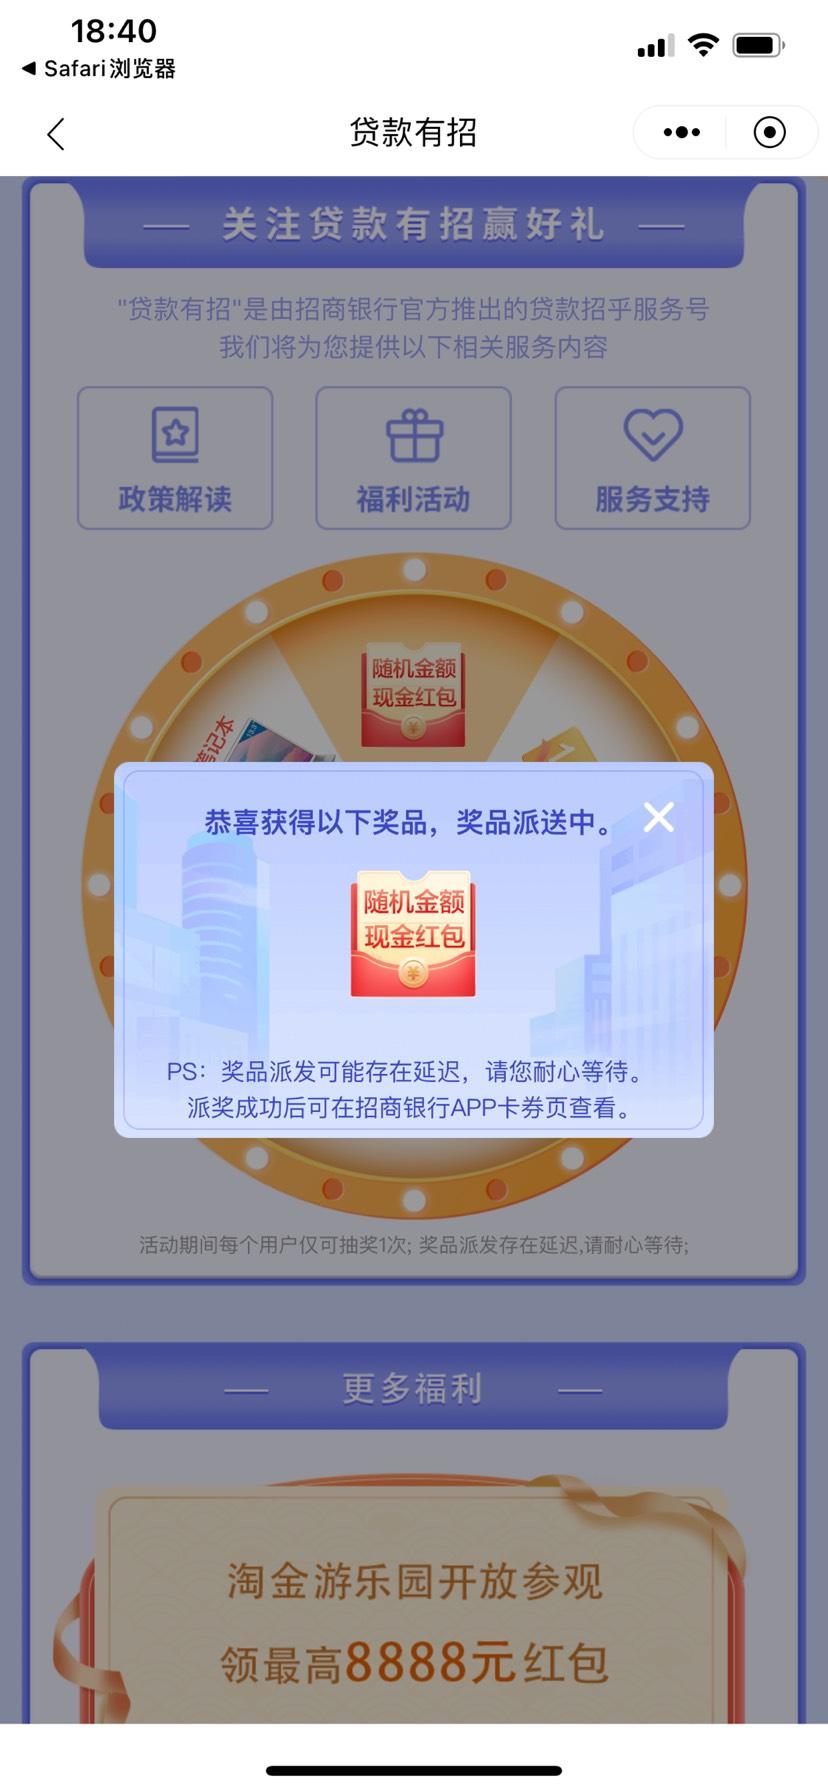 图片[1]-招商银行体验小程序抽红包-老友薅羊毛活动线报网